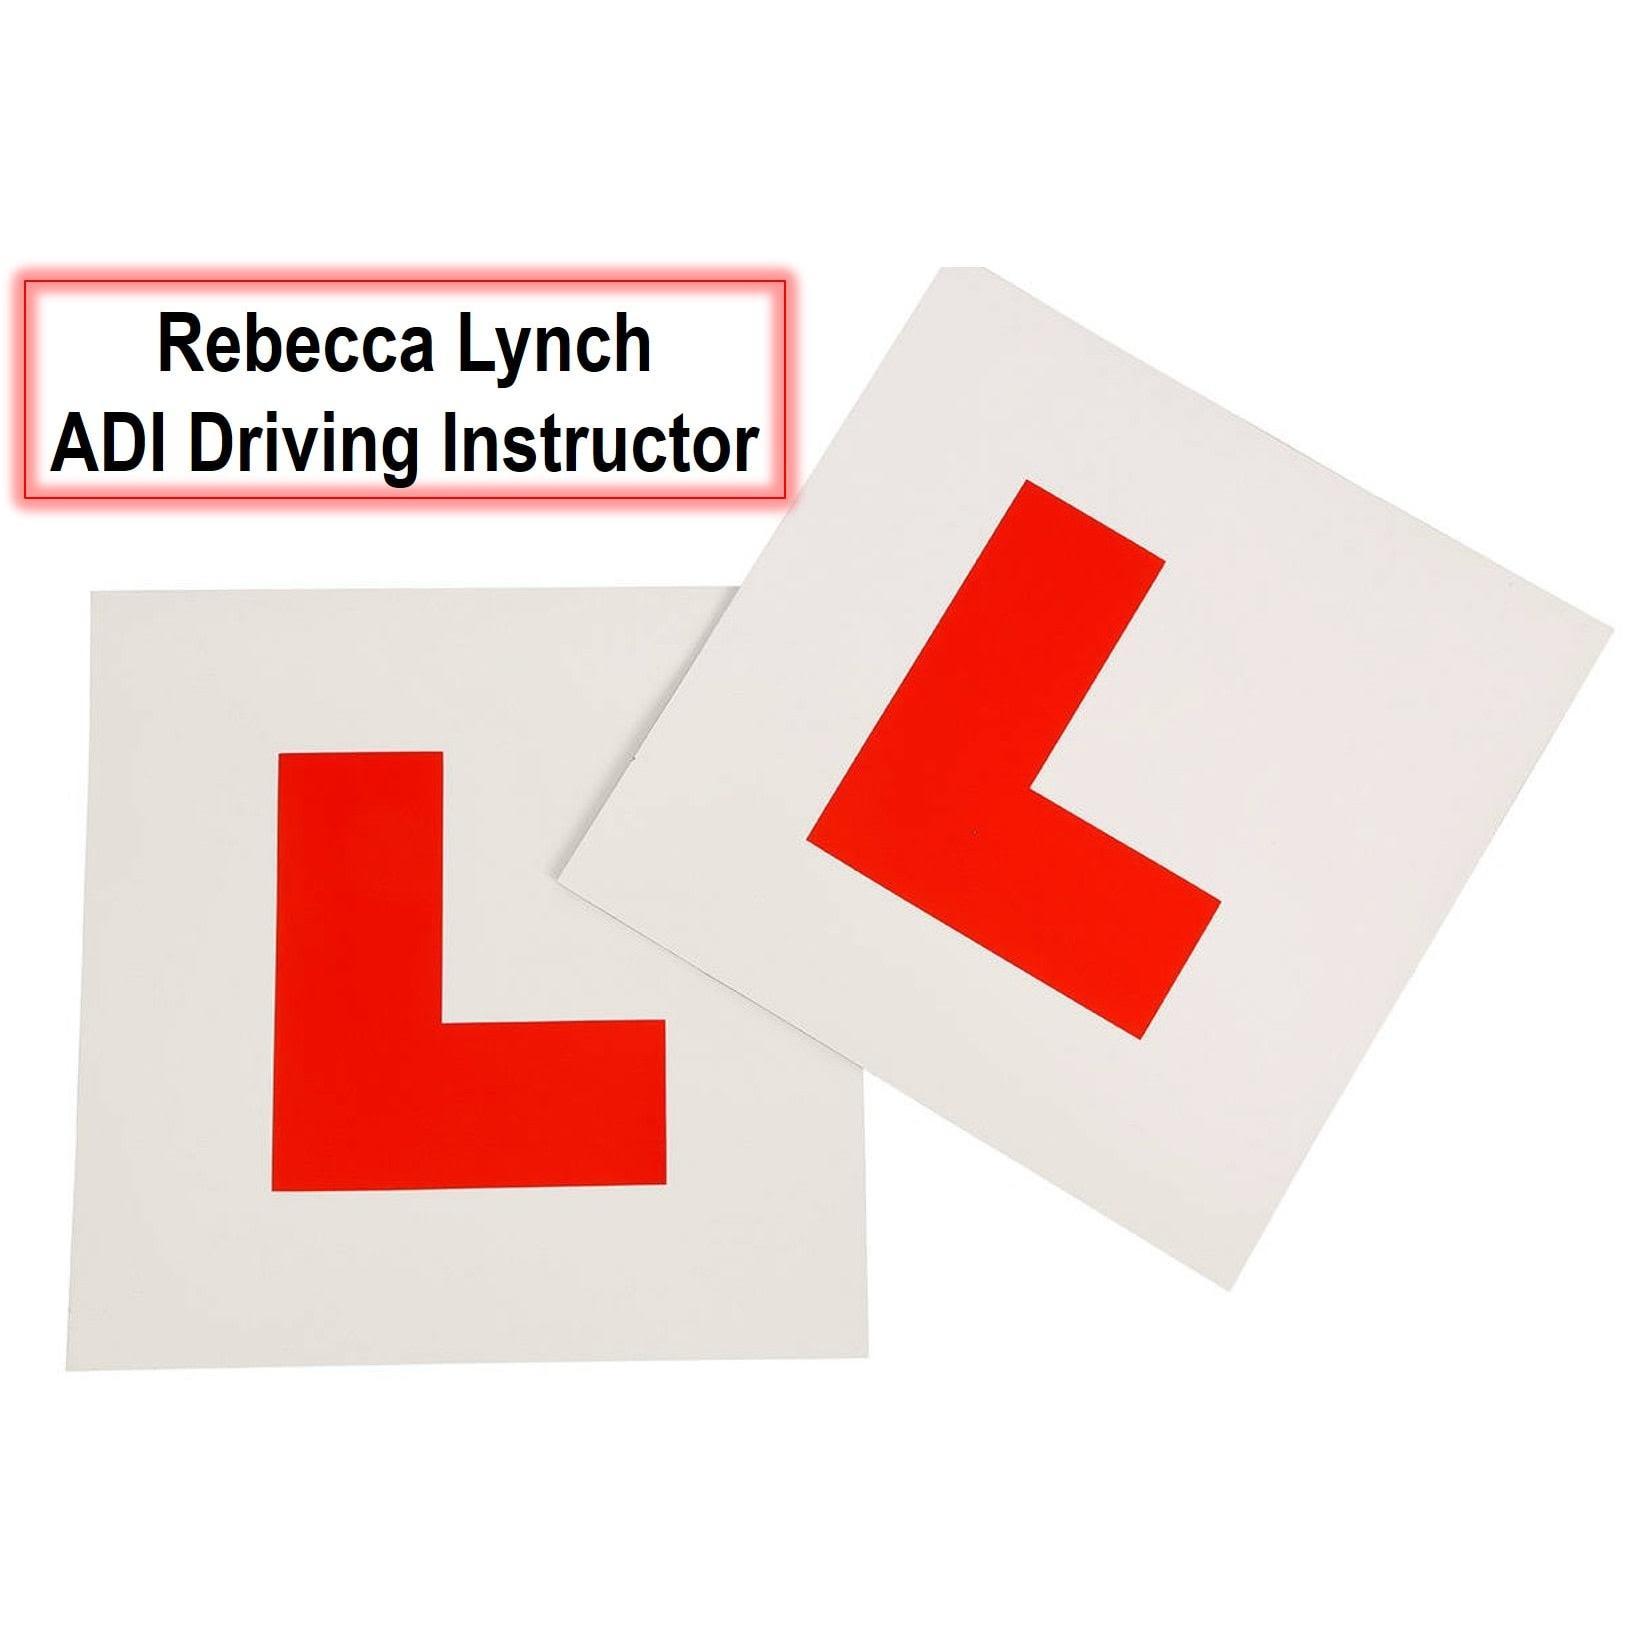 Rebecca Lynch Driving Instructor A.D.I - Tadworth, Surrey KT20 7LZ - 01737 844233   ShowMeLocal.com